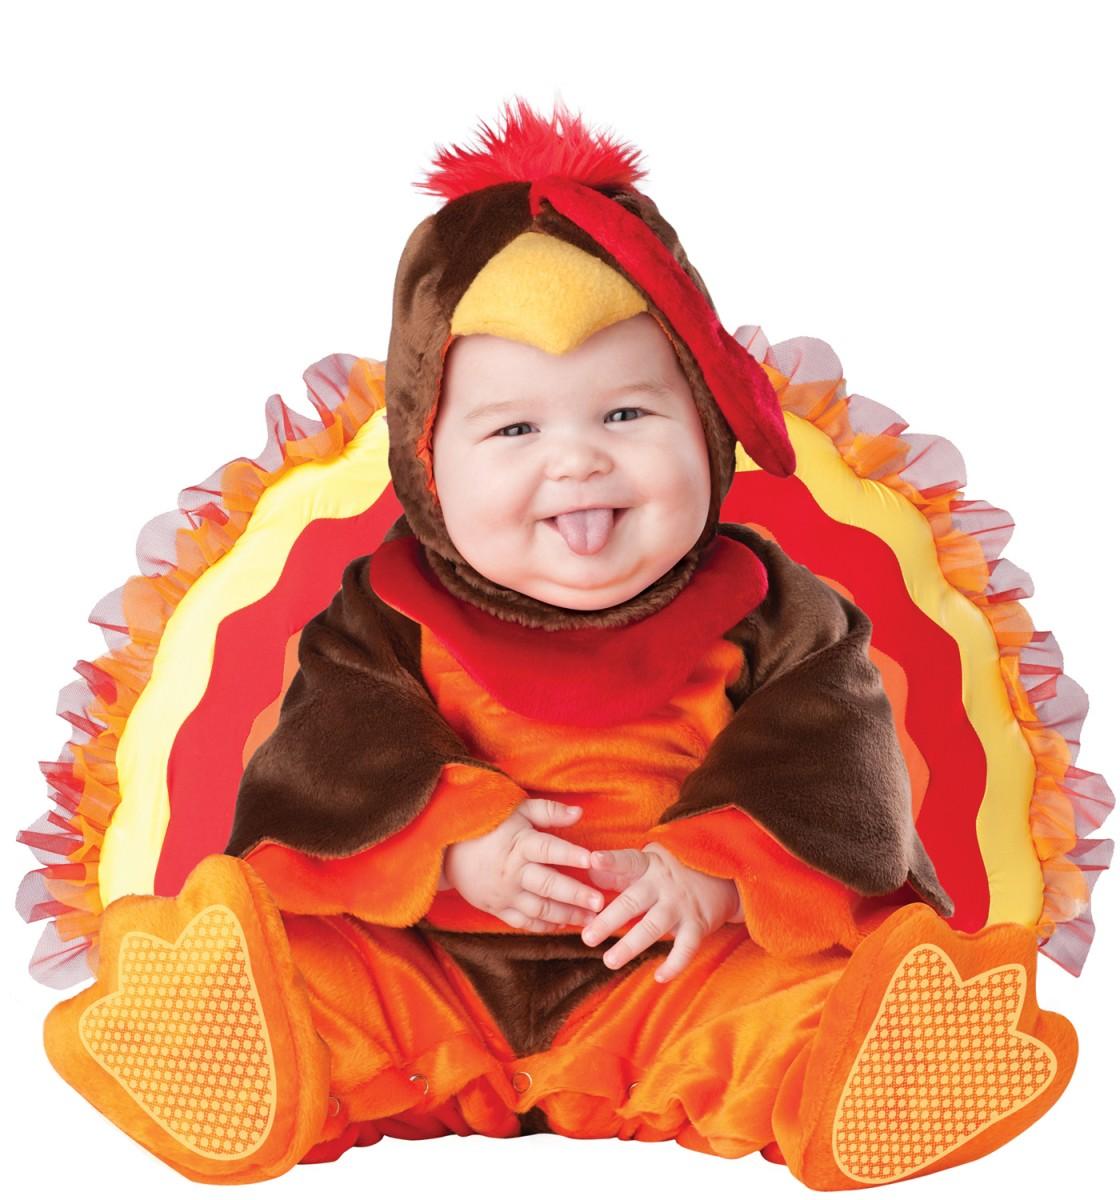 карнавальный костюм петуха для ребенка